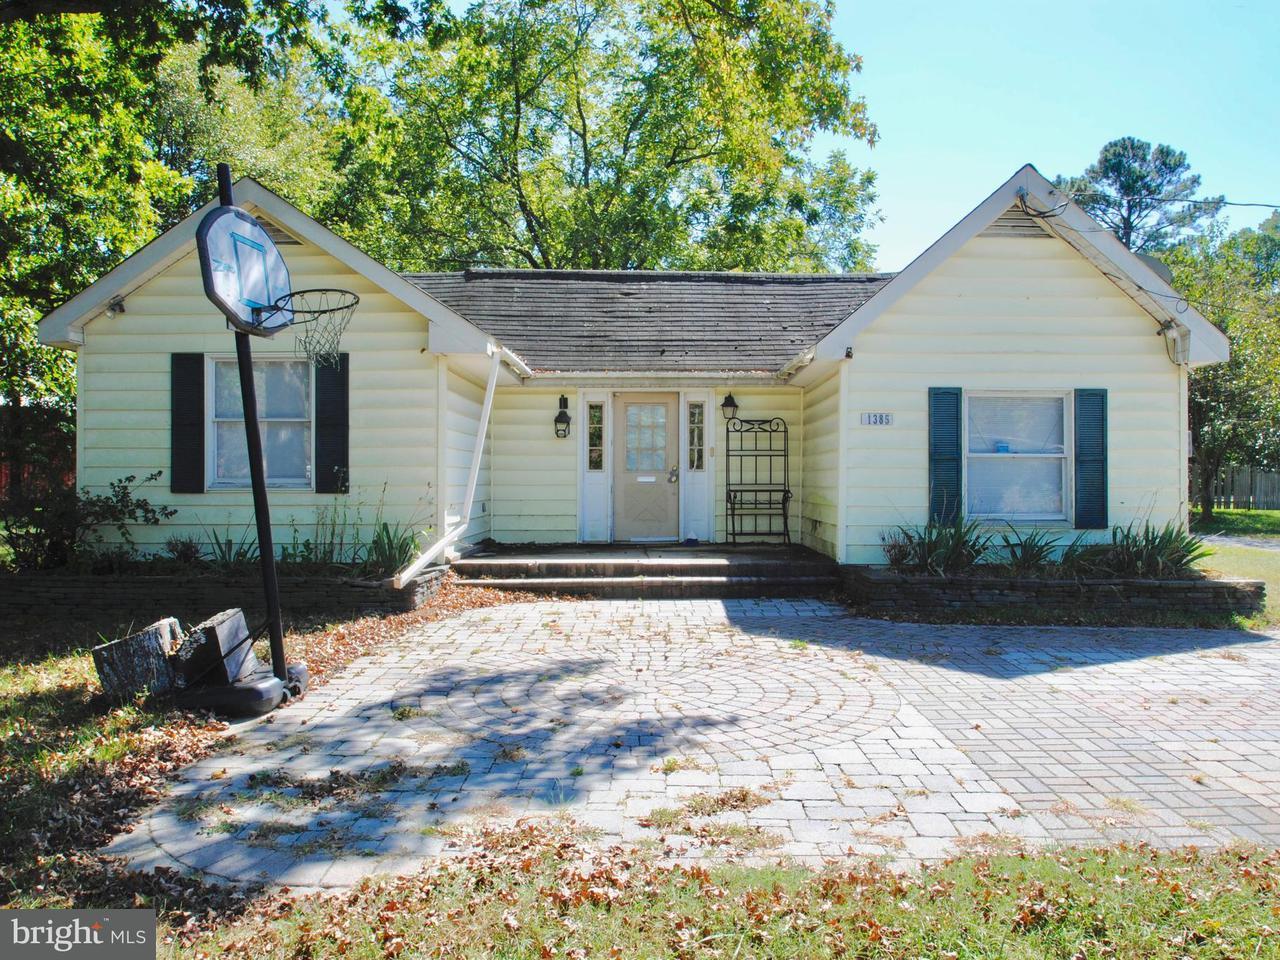 Maison unifamiliale pour l Vente à 1387 DEFENSE HWY 1387 DEFENSE HWY Gambrills, Maryland 21054 États-Unis